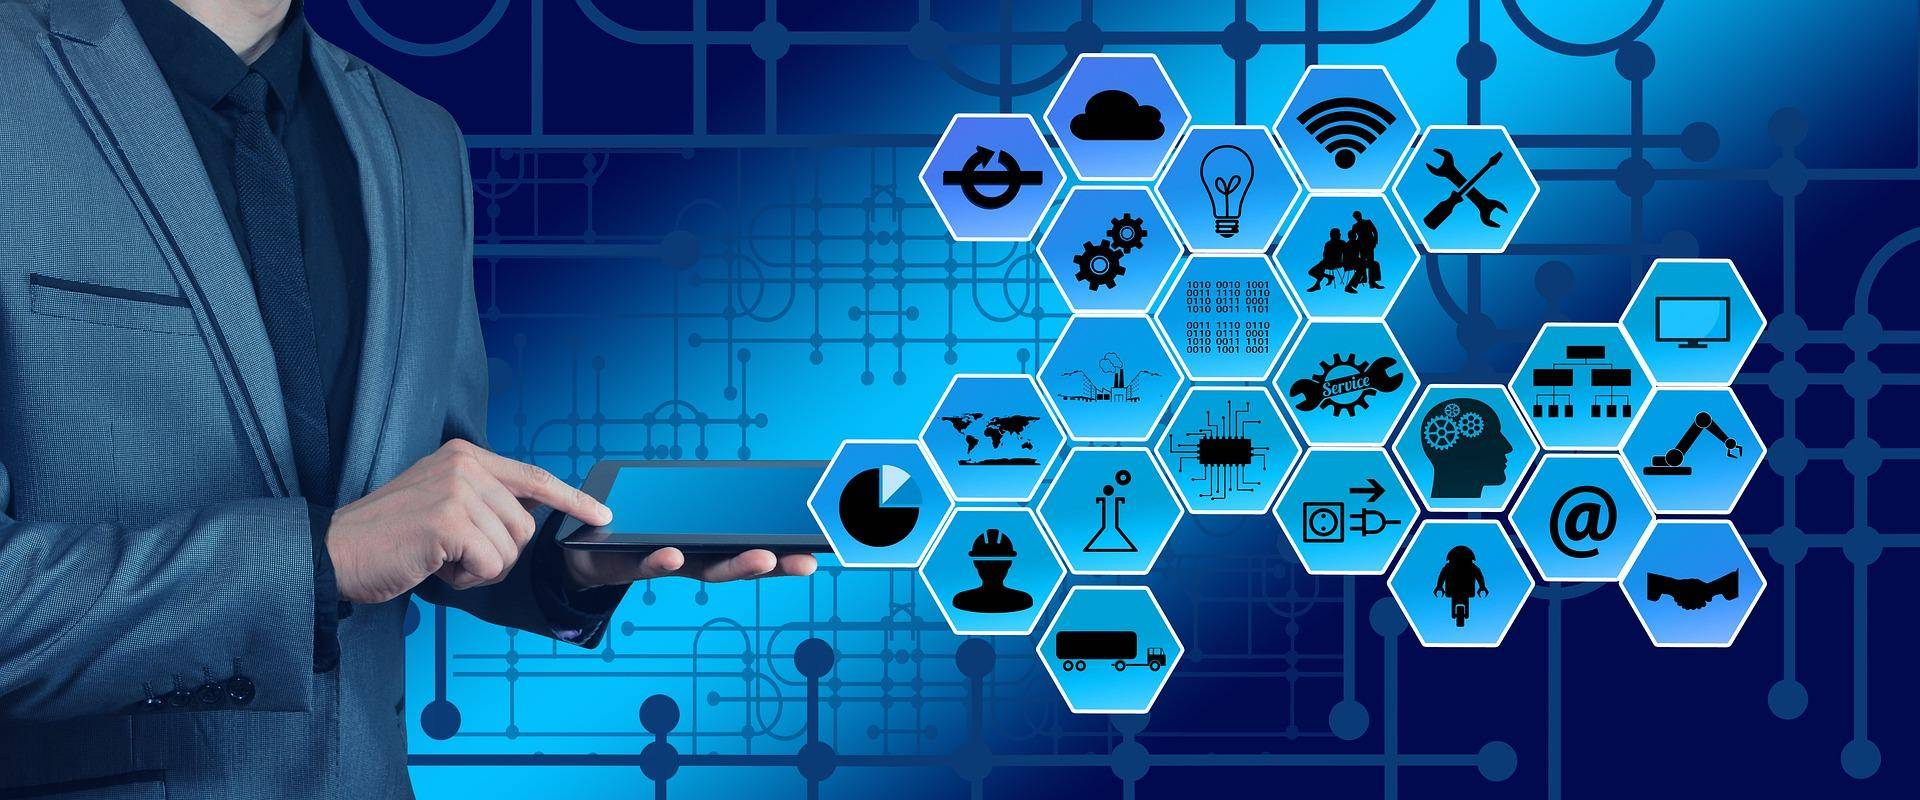 奔驰slr 722_菜鸟的计算机学习系列:WEB安全从入门到放弃01